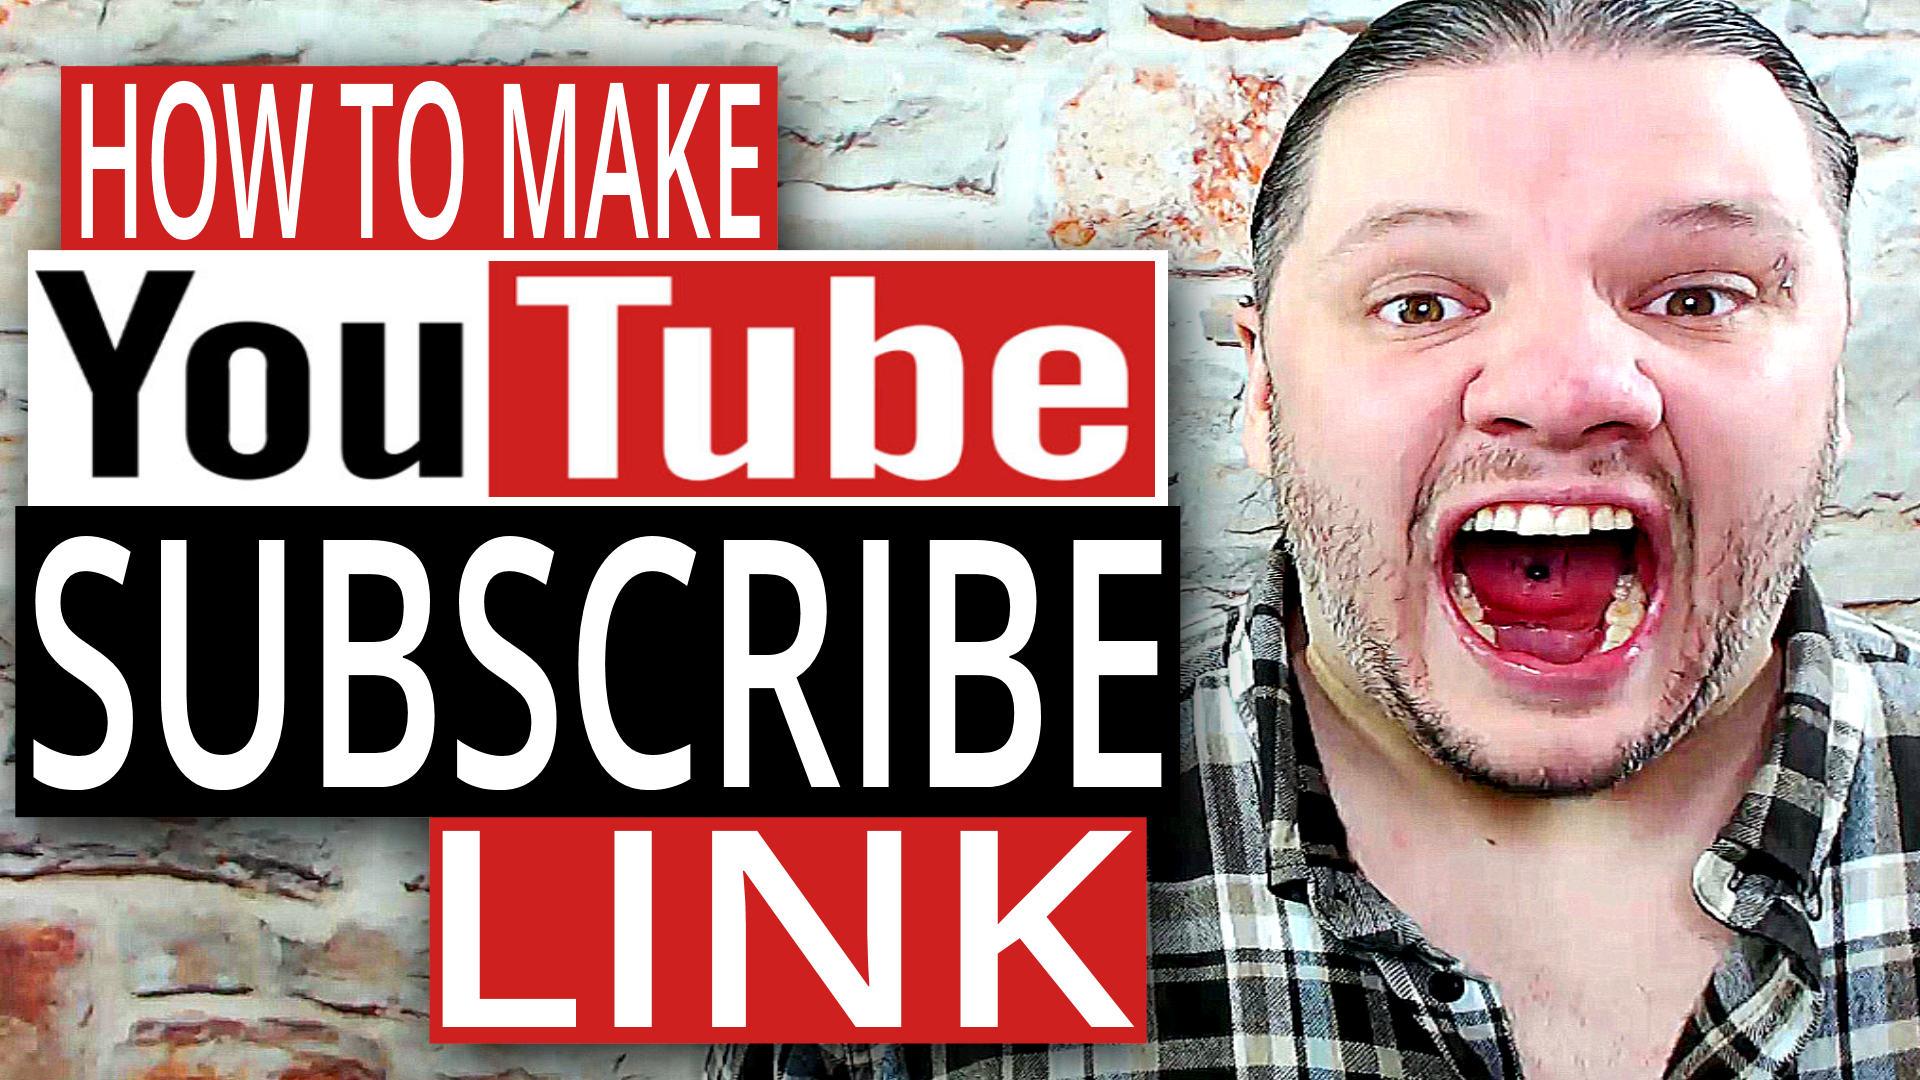 alan spicer,alanspicer,asyt,How To Make A Youtube Subscribe Link 2018,How To Make A Youtube Subscribe Link,Make A Youtube Subscribe Link,Youtube Subscribe Link,subscribe link,subscriber link,youtube subscribers,make subscriber link,make subscribe link,how to make subscribe link,subscribers,sub link,youtube sub link,autosubscribe link,youtube autosubscribe link,autosubscribe,create sub link,make sub link,quick subscribe link,create subscribe link,2018,youtube